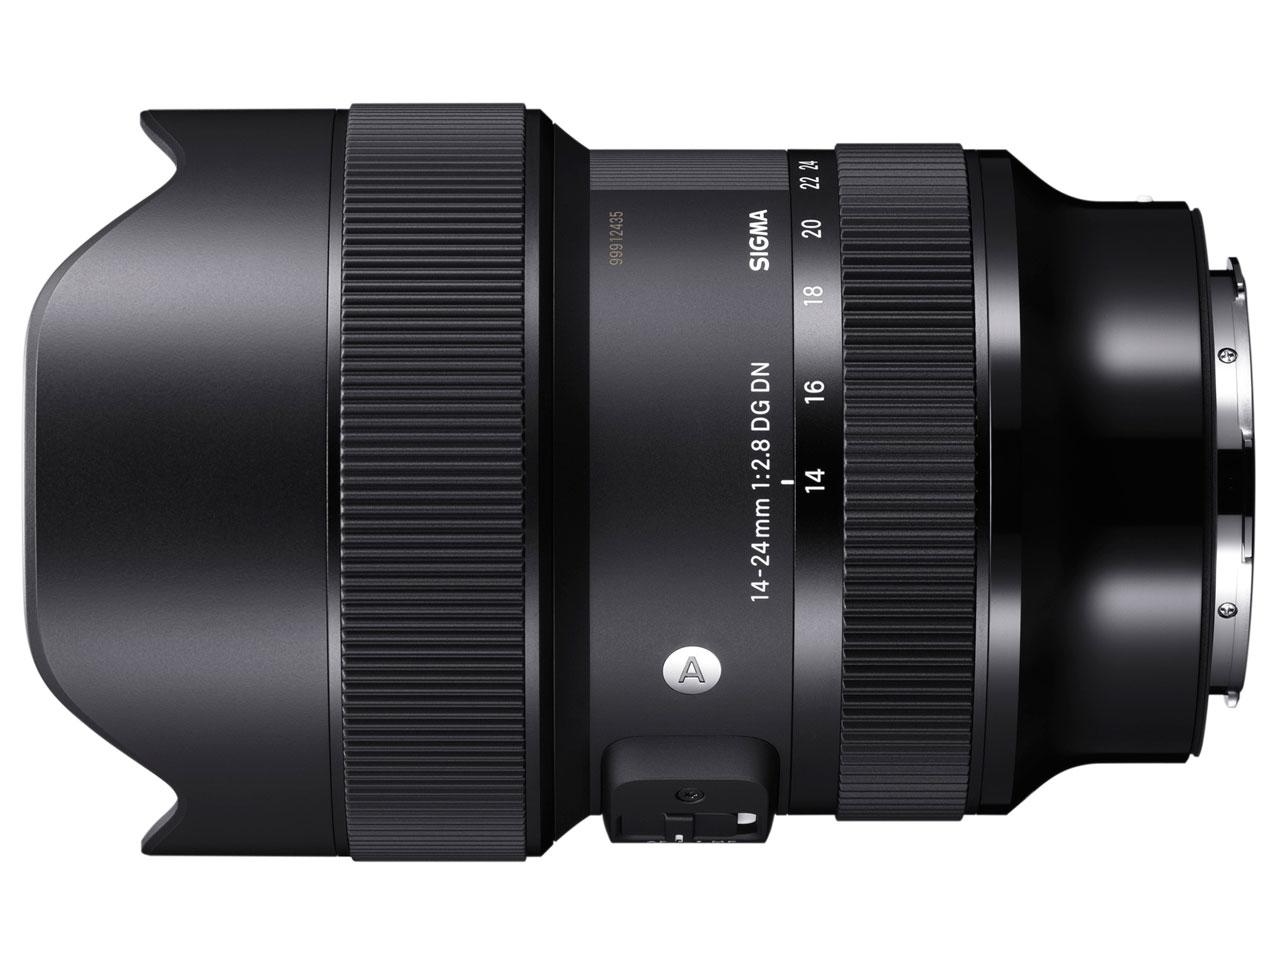 新品 SIGMA 14-24mm F/2.8 DG DN Art シグマ 在庫有り SONY Eマウント用